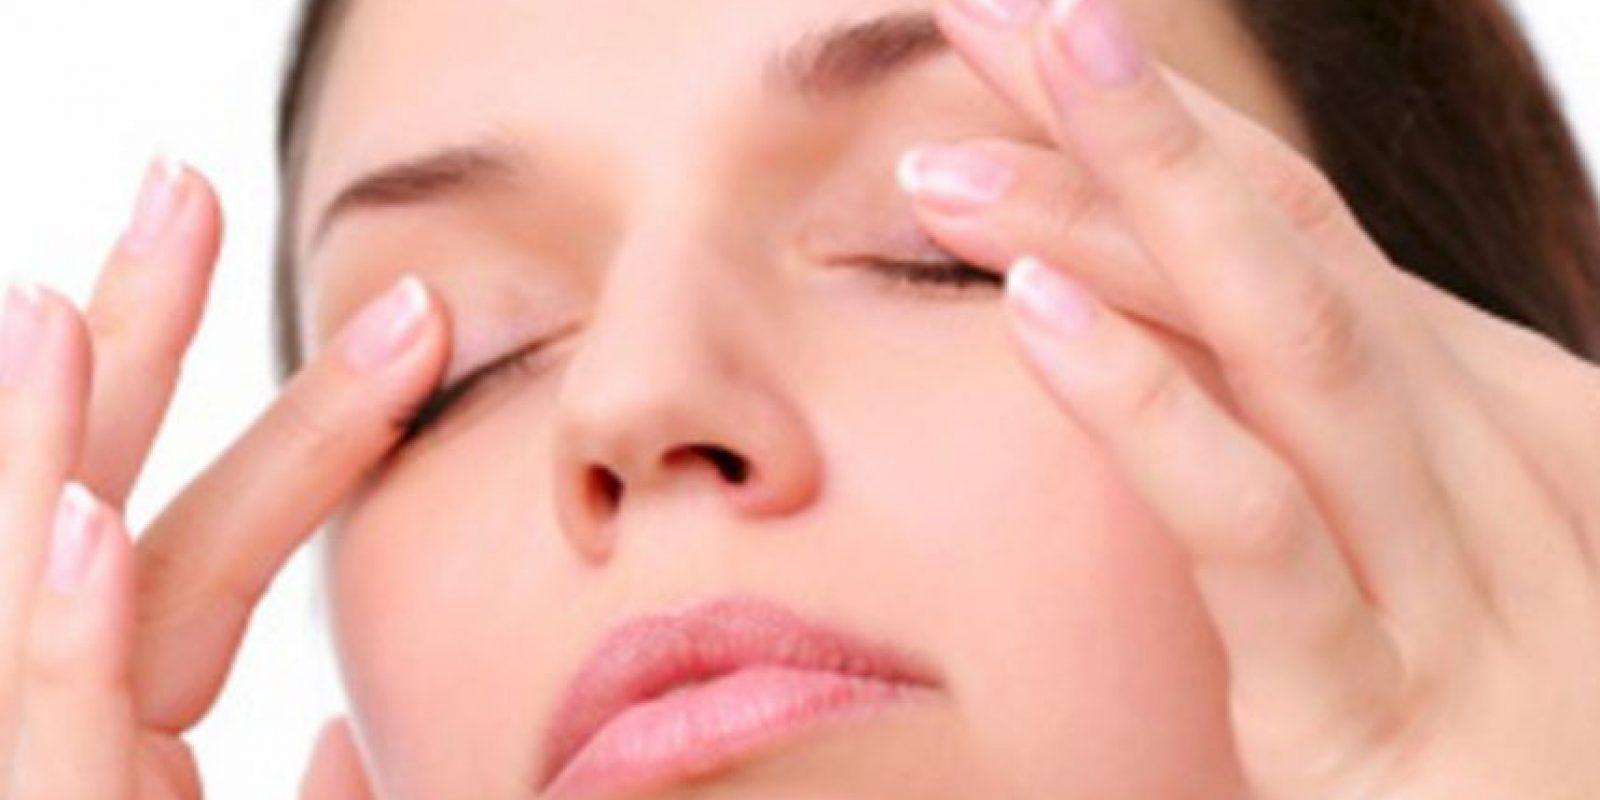 Los ojos cansados se producen también por estrés, ansiedad y depresión. Foto:vía Getty Images